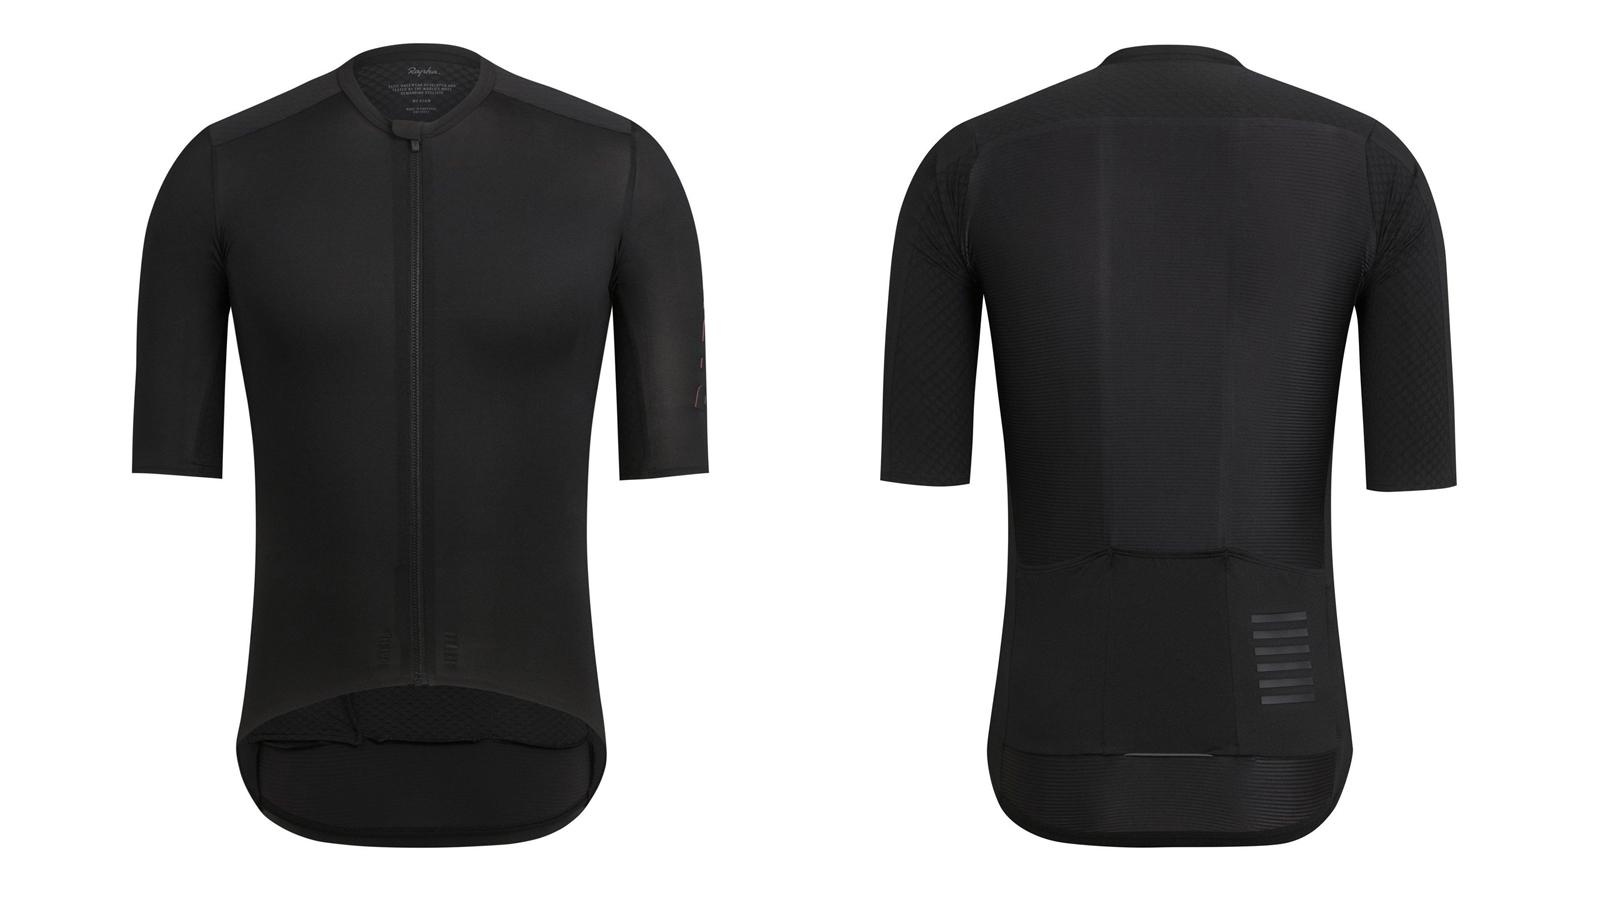 Rapha Pro Team Aero short sleeve jersey